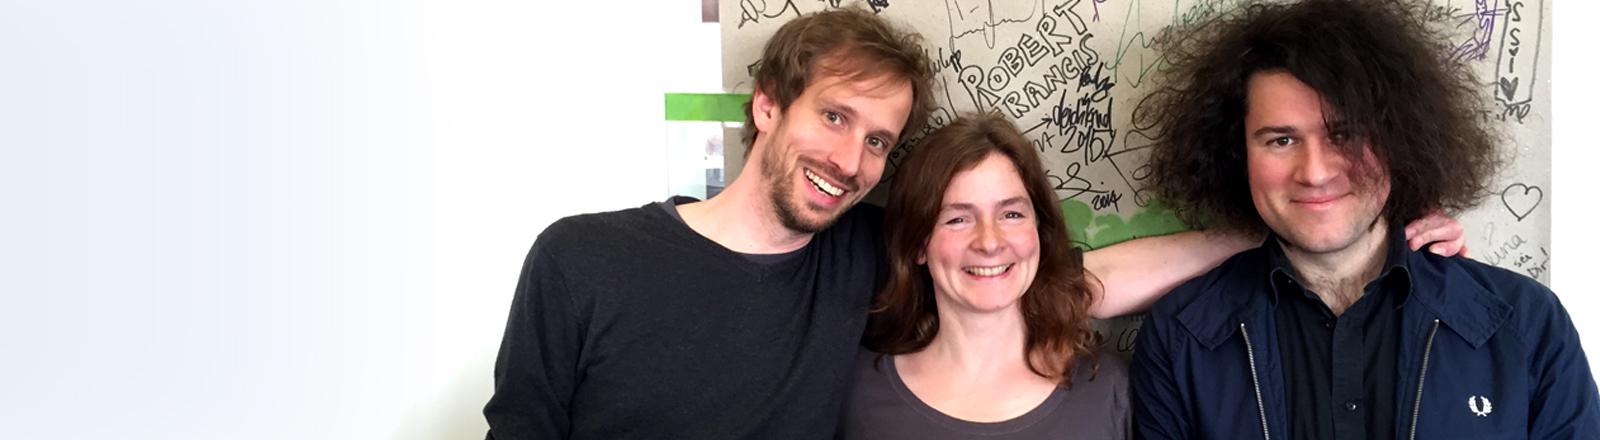 Die Locas in Love Mitglieder Jan Niklas Jansen und Björn Sonnenberg mit Moderatorin Verena von Keitz.